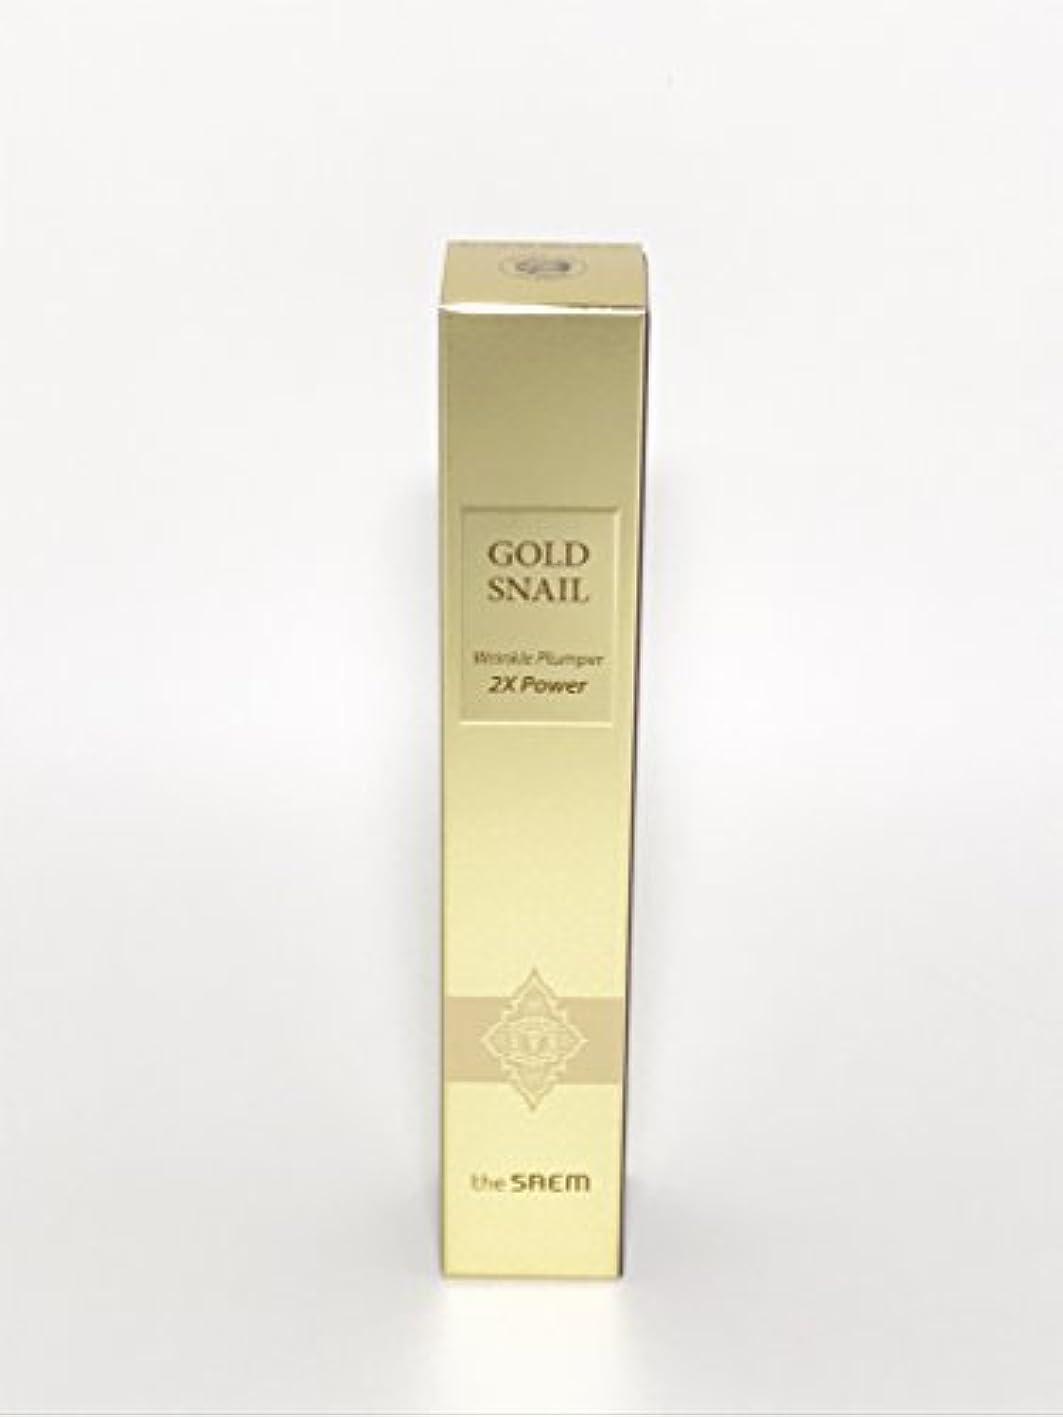 フック博覧会酸化物GOLD SNAIL Wrinkle Plumper 2×Power ゴールドスネイル リンクルプランパー 2×パワー【並行輸入品】